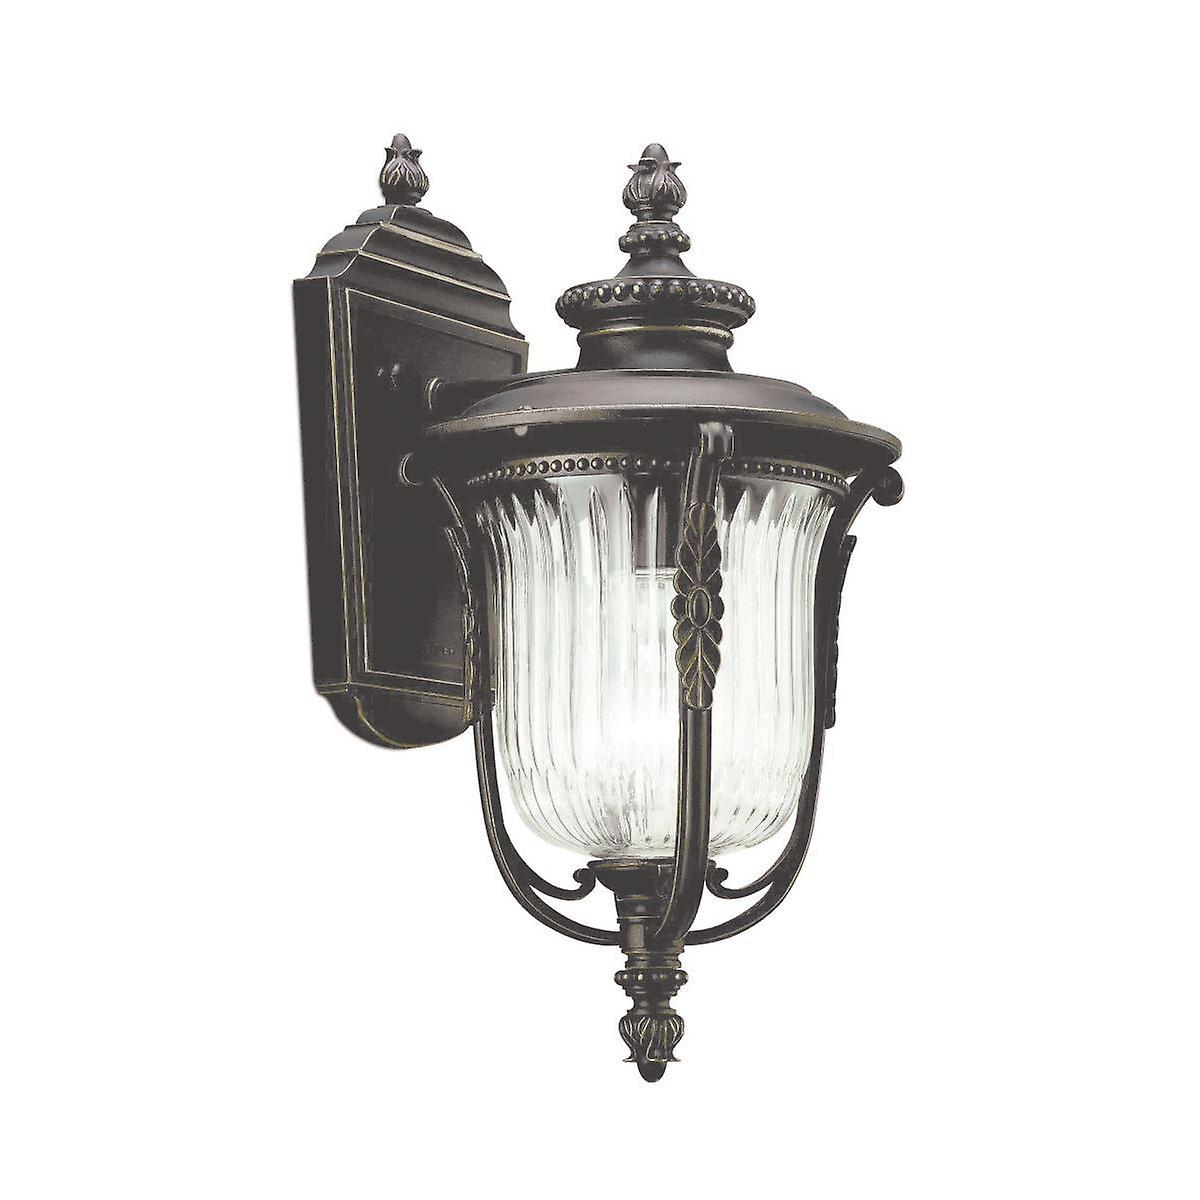 Luverne de plein air KL LUVERNE2 petit lanterne murale - Elstead lumièreing Kl   Luverne2   KL LUVERNE2 S